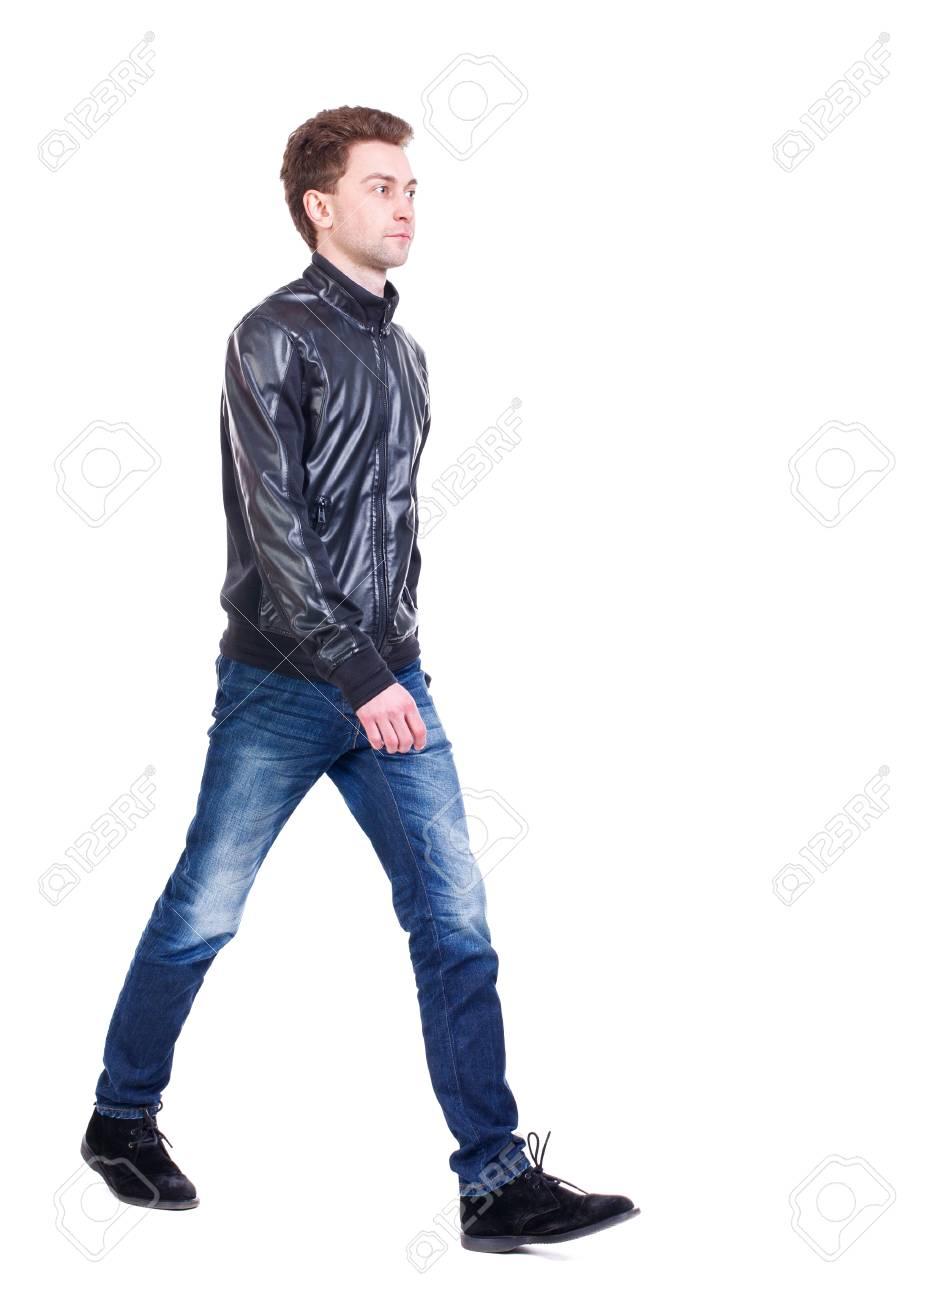 D Ou Vient Le Cuir vue arrière de beau homme. marche jeune homme. un gars frisé dans une veste  en cuir noir vient nous rencontrer.